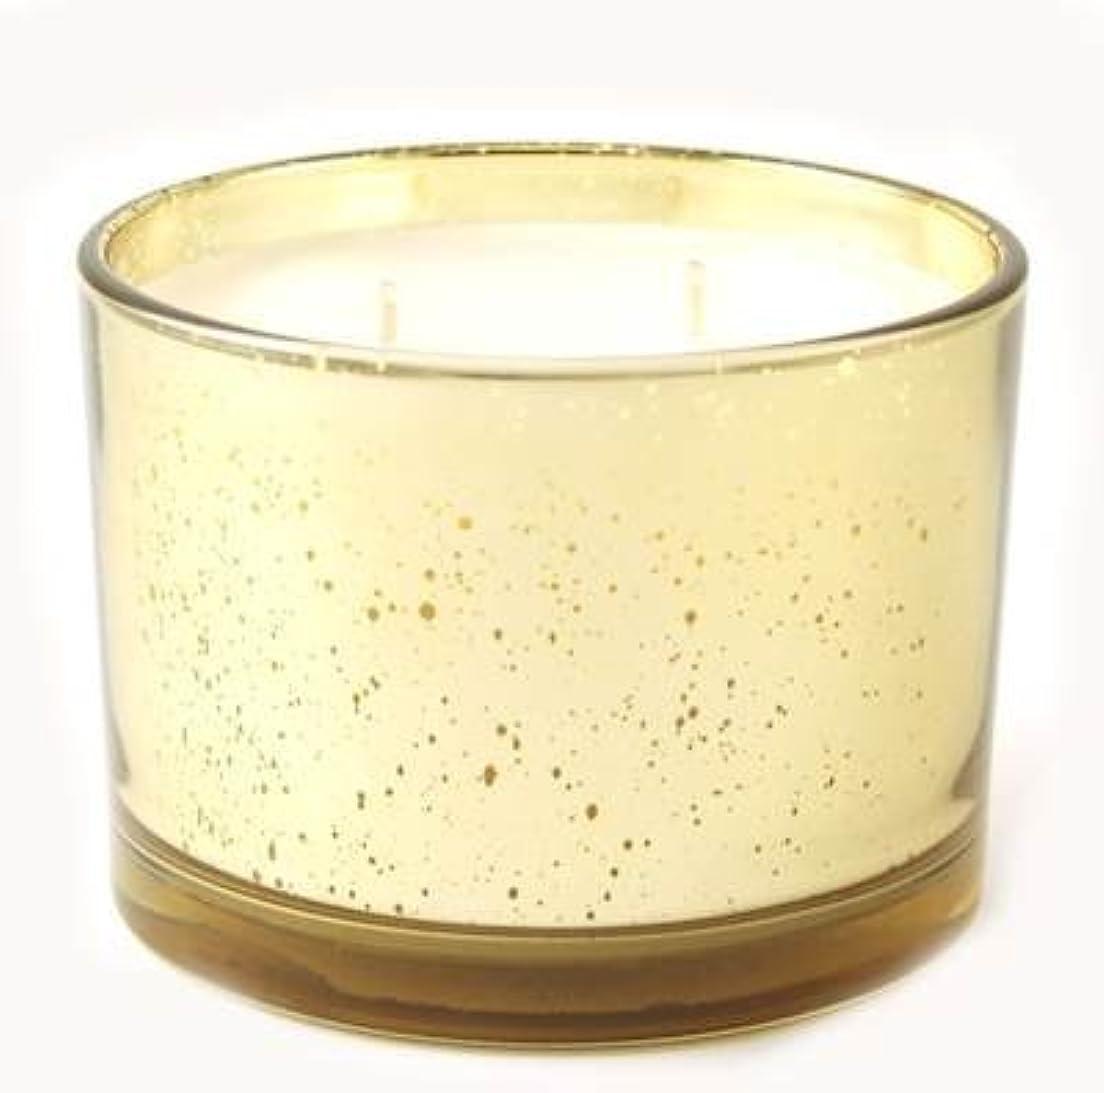 ハブブセミナー防水Mediterranean Fig Tyler Statureゴールドonゴールド16oz香りつきJar Candle